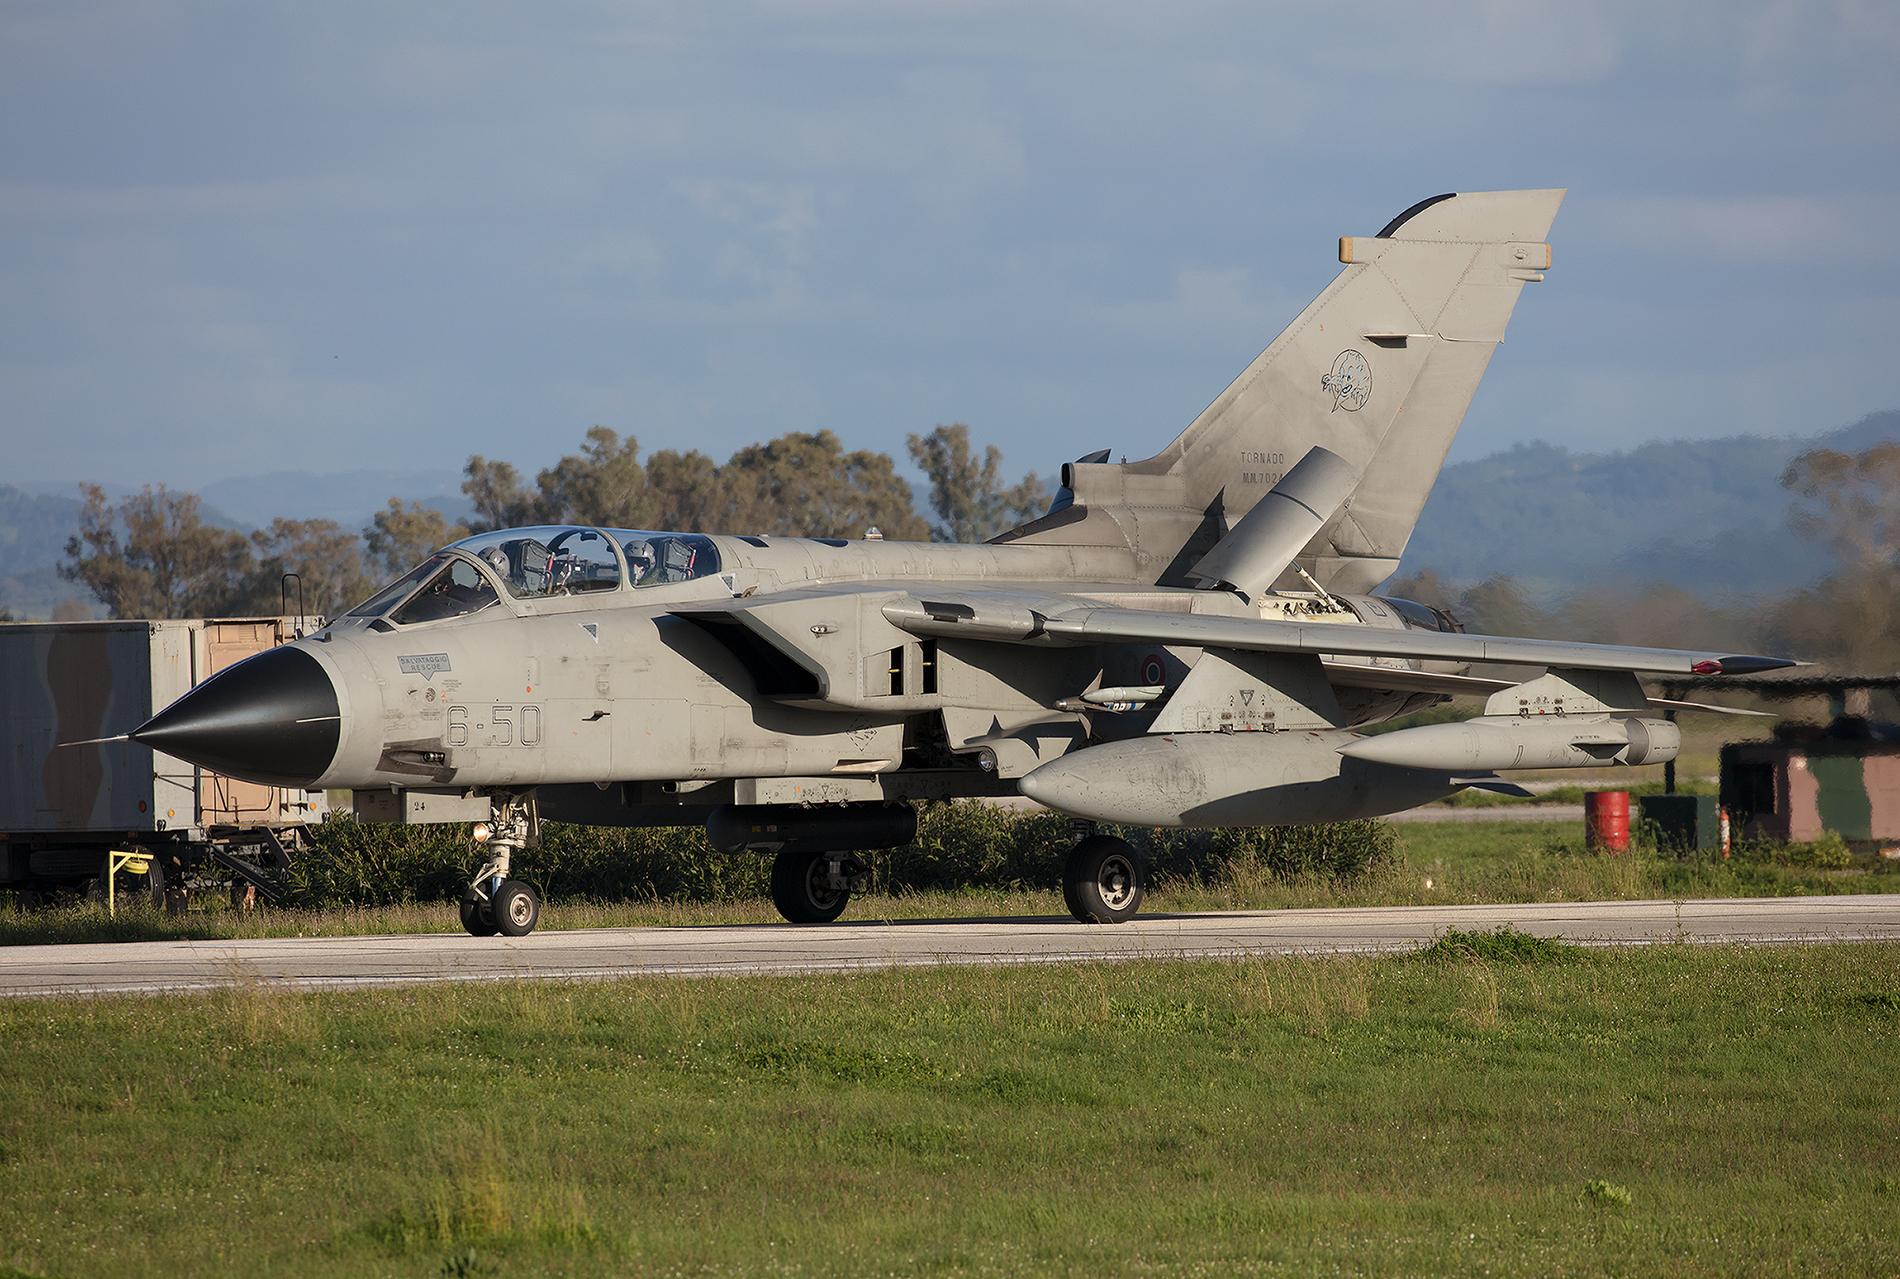 MM7024, MRCA Tornado IDS der 6 Stormo aus Ghedi.